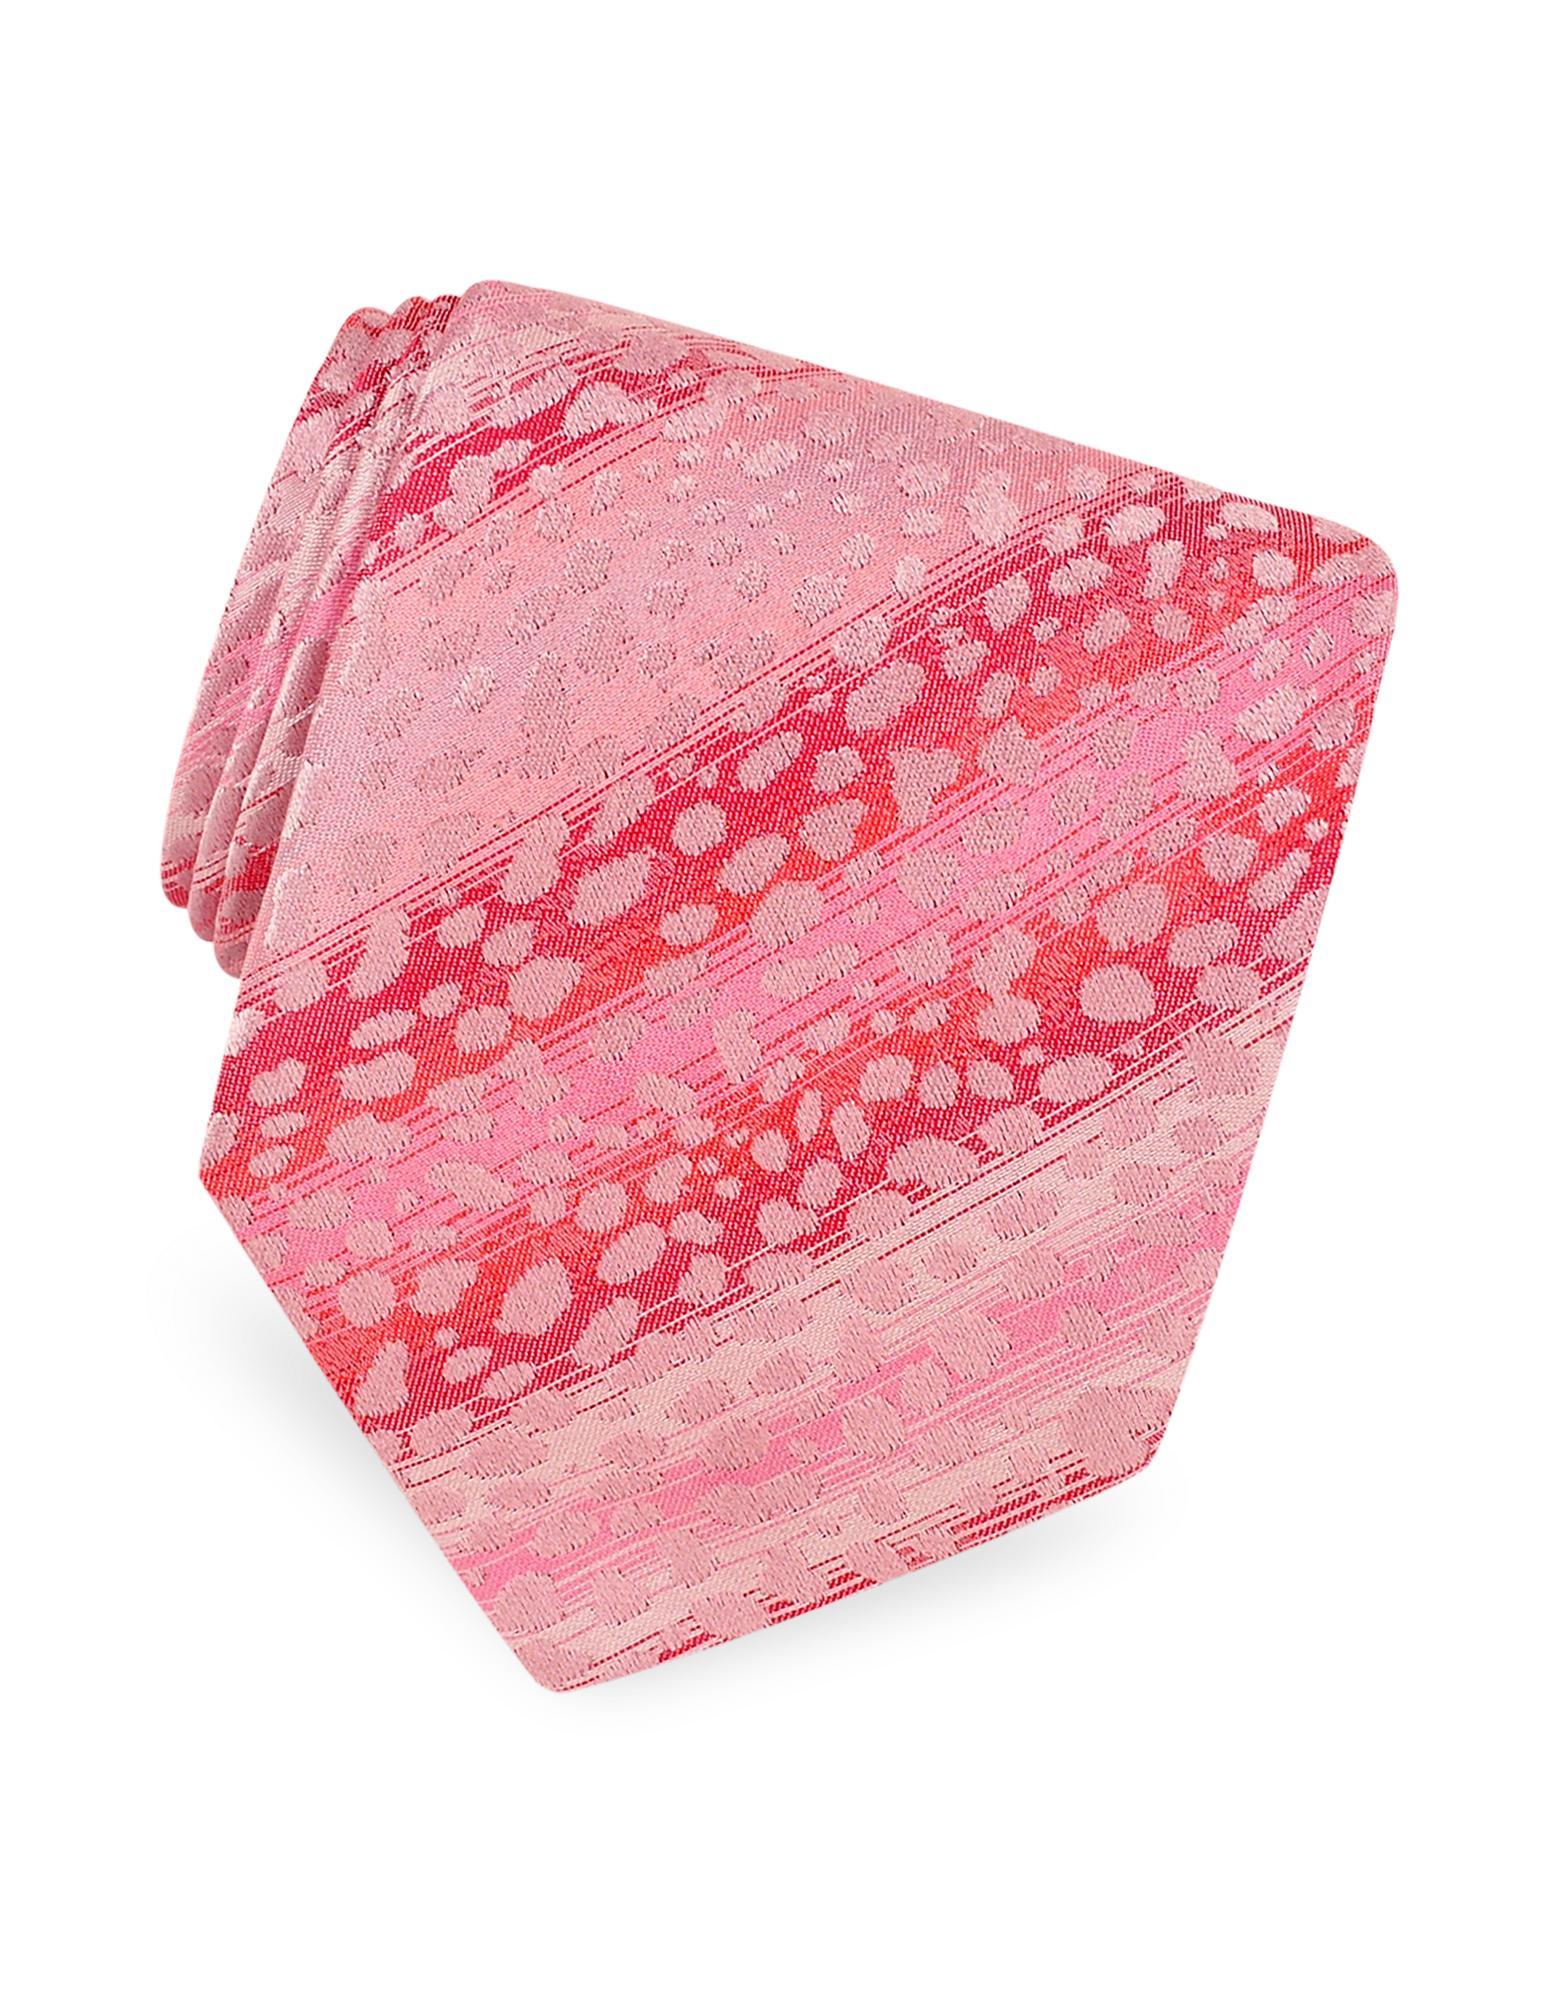 Roberto Cavalli  Pink Animal Pattern Woven Silk Tie